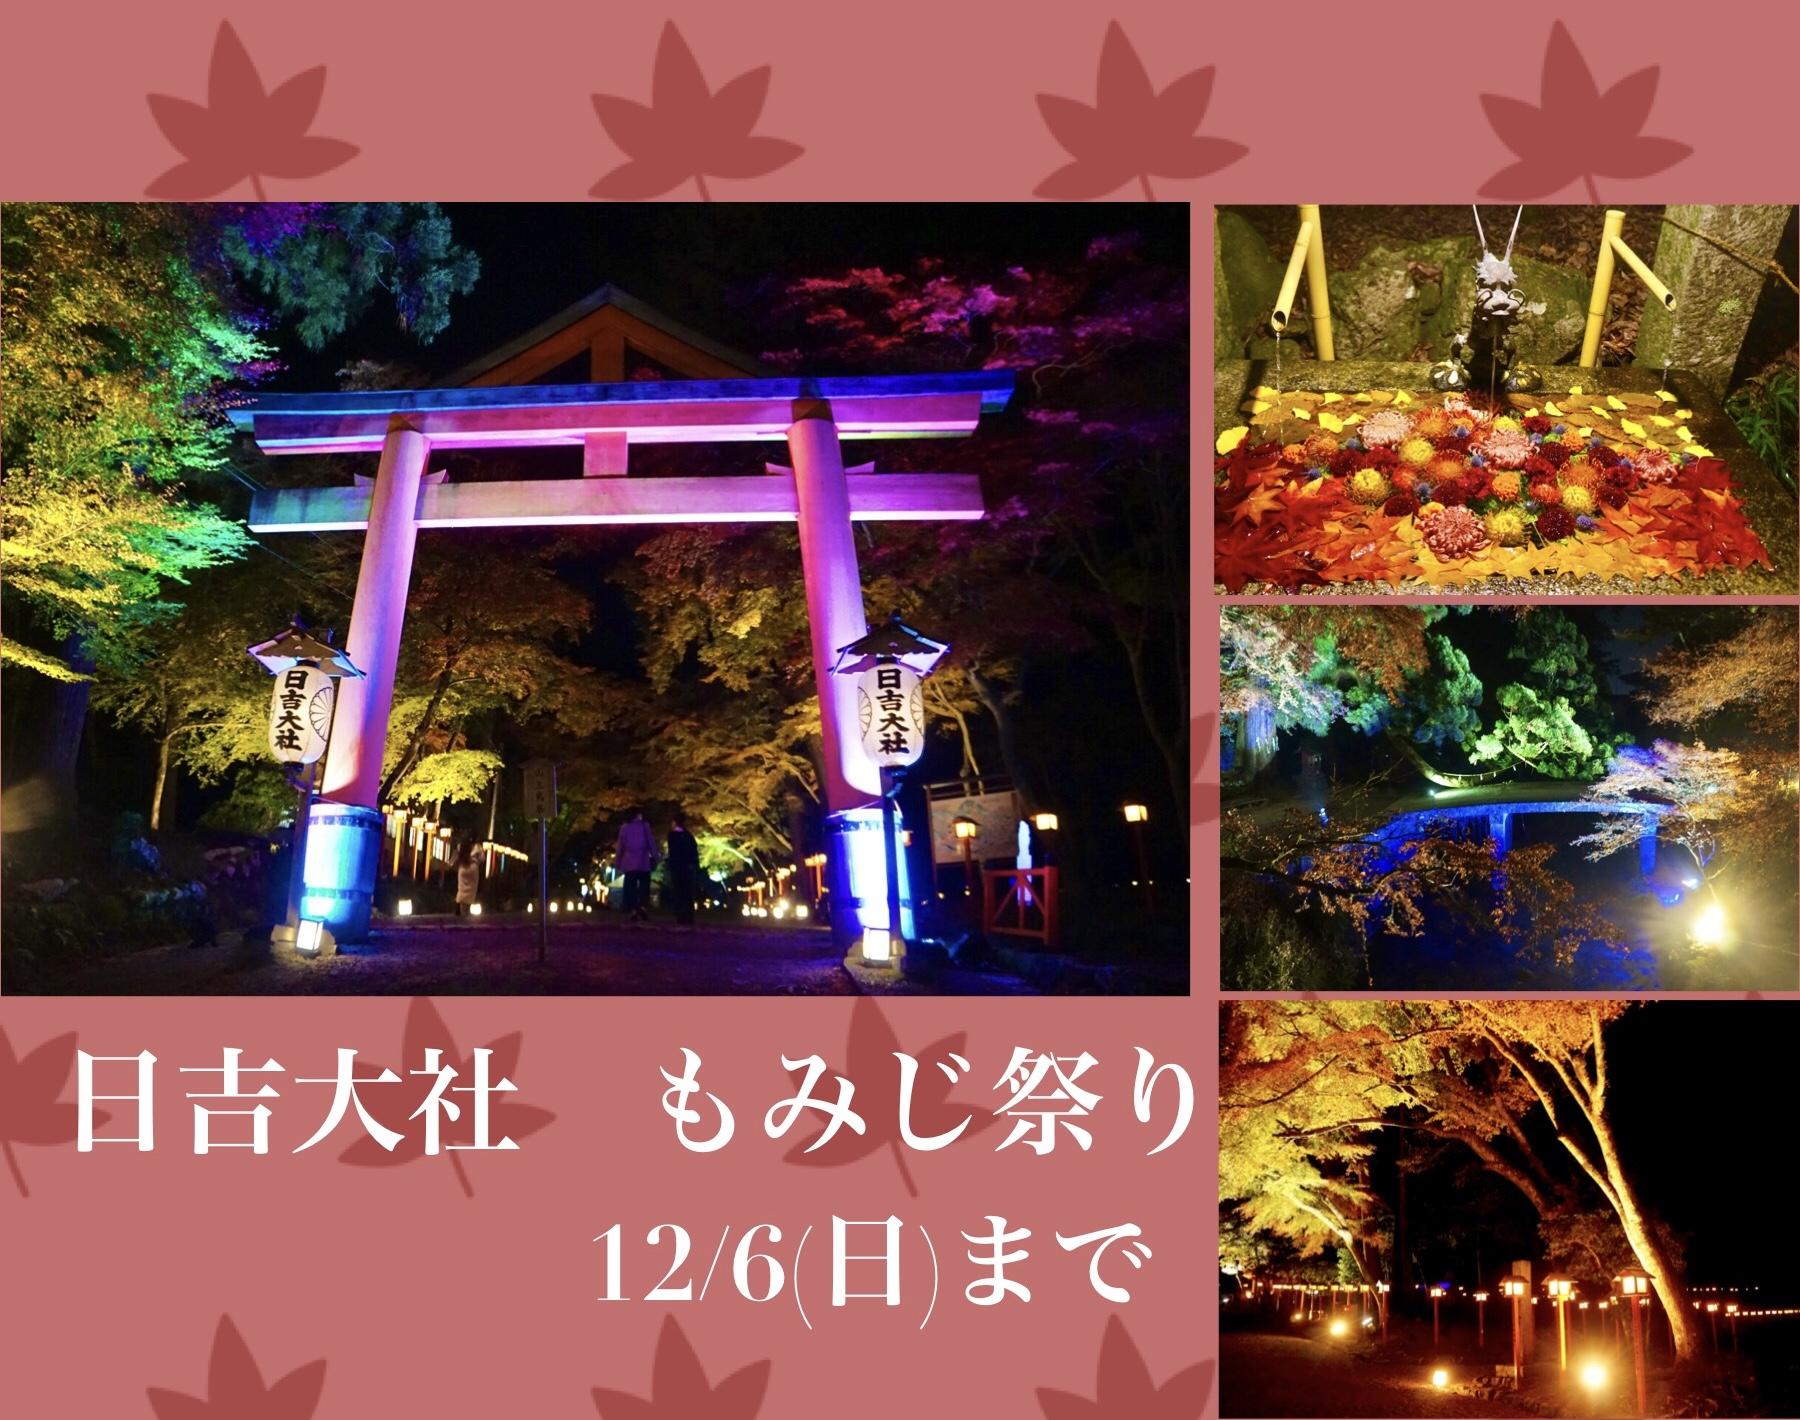 【~12/6】日吉大社もみじ祭りに行ってきた♪3千本の紅葉・幻想的なライトアップ・花手水…昼と夜で違う表情も楽しめます♪